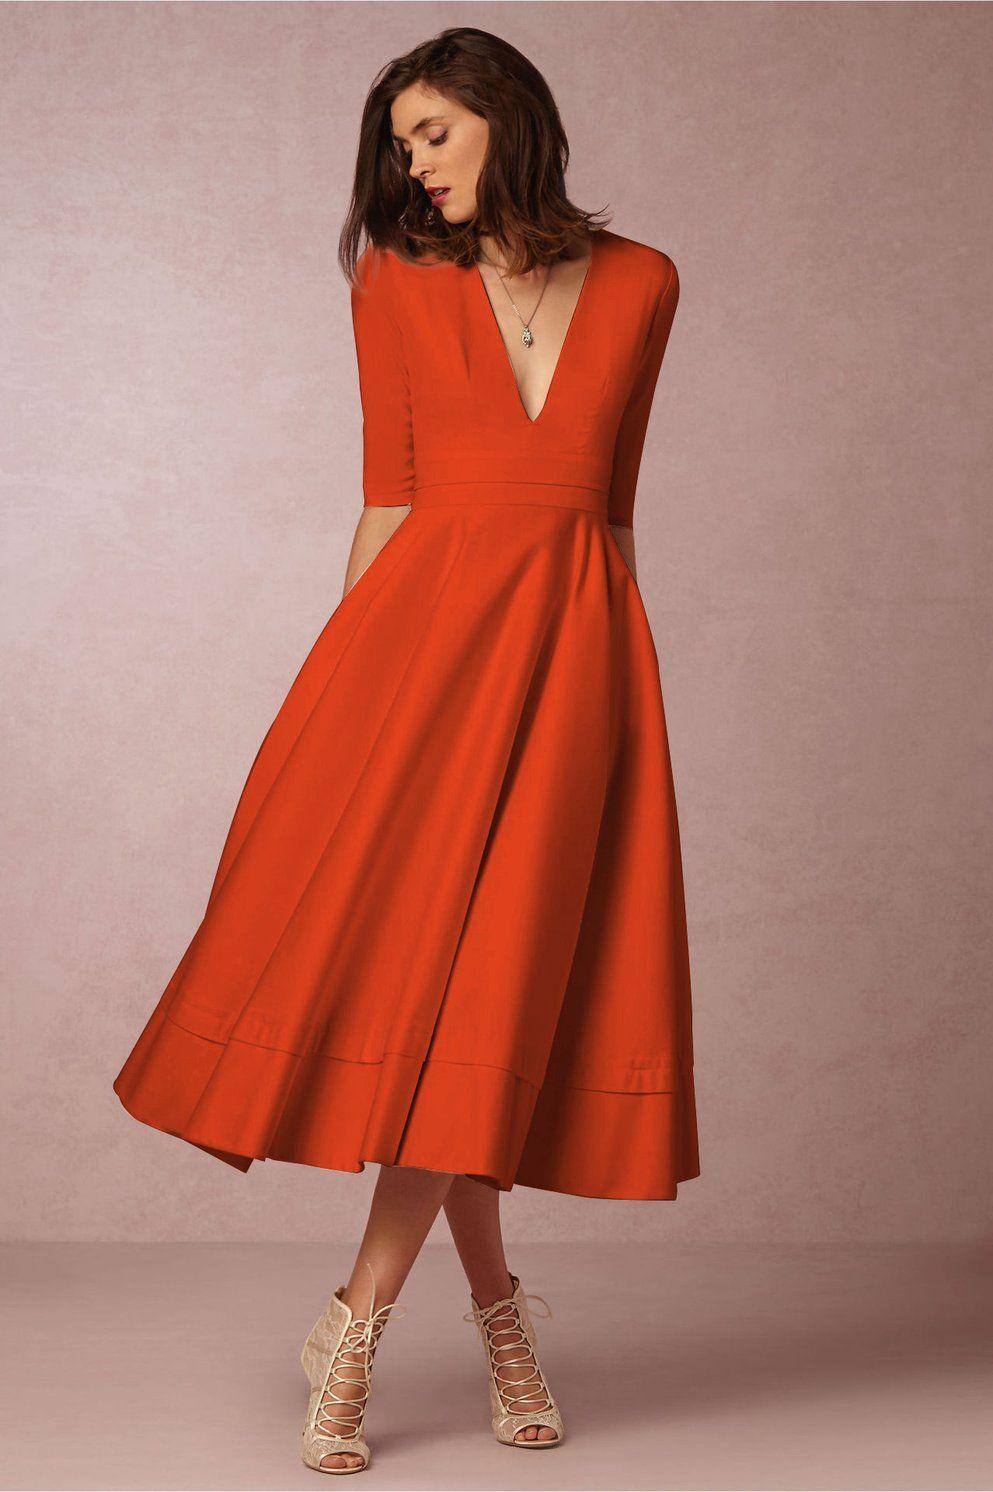 A Chicloth A-line V Neck Half Sleeve Midi Party Dress  Vestidos